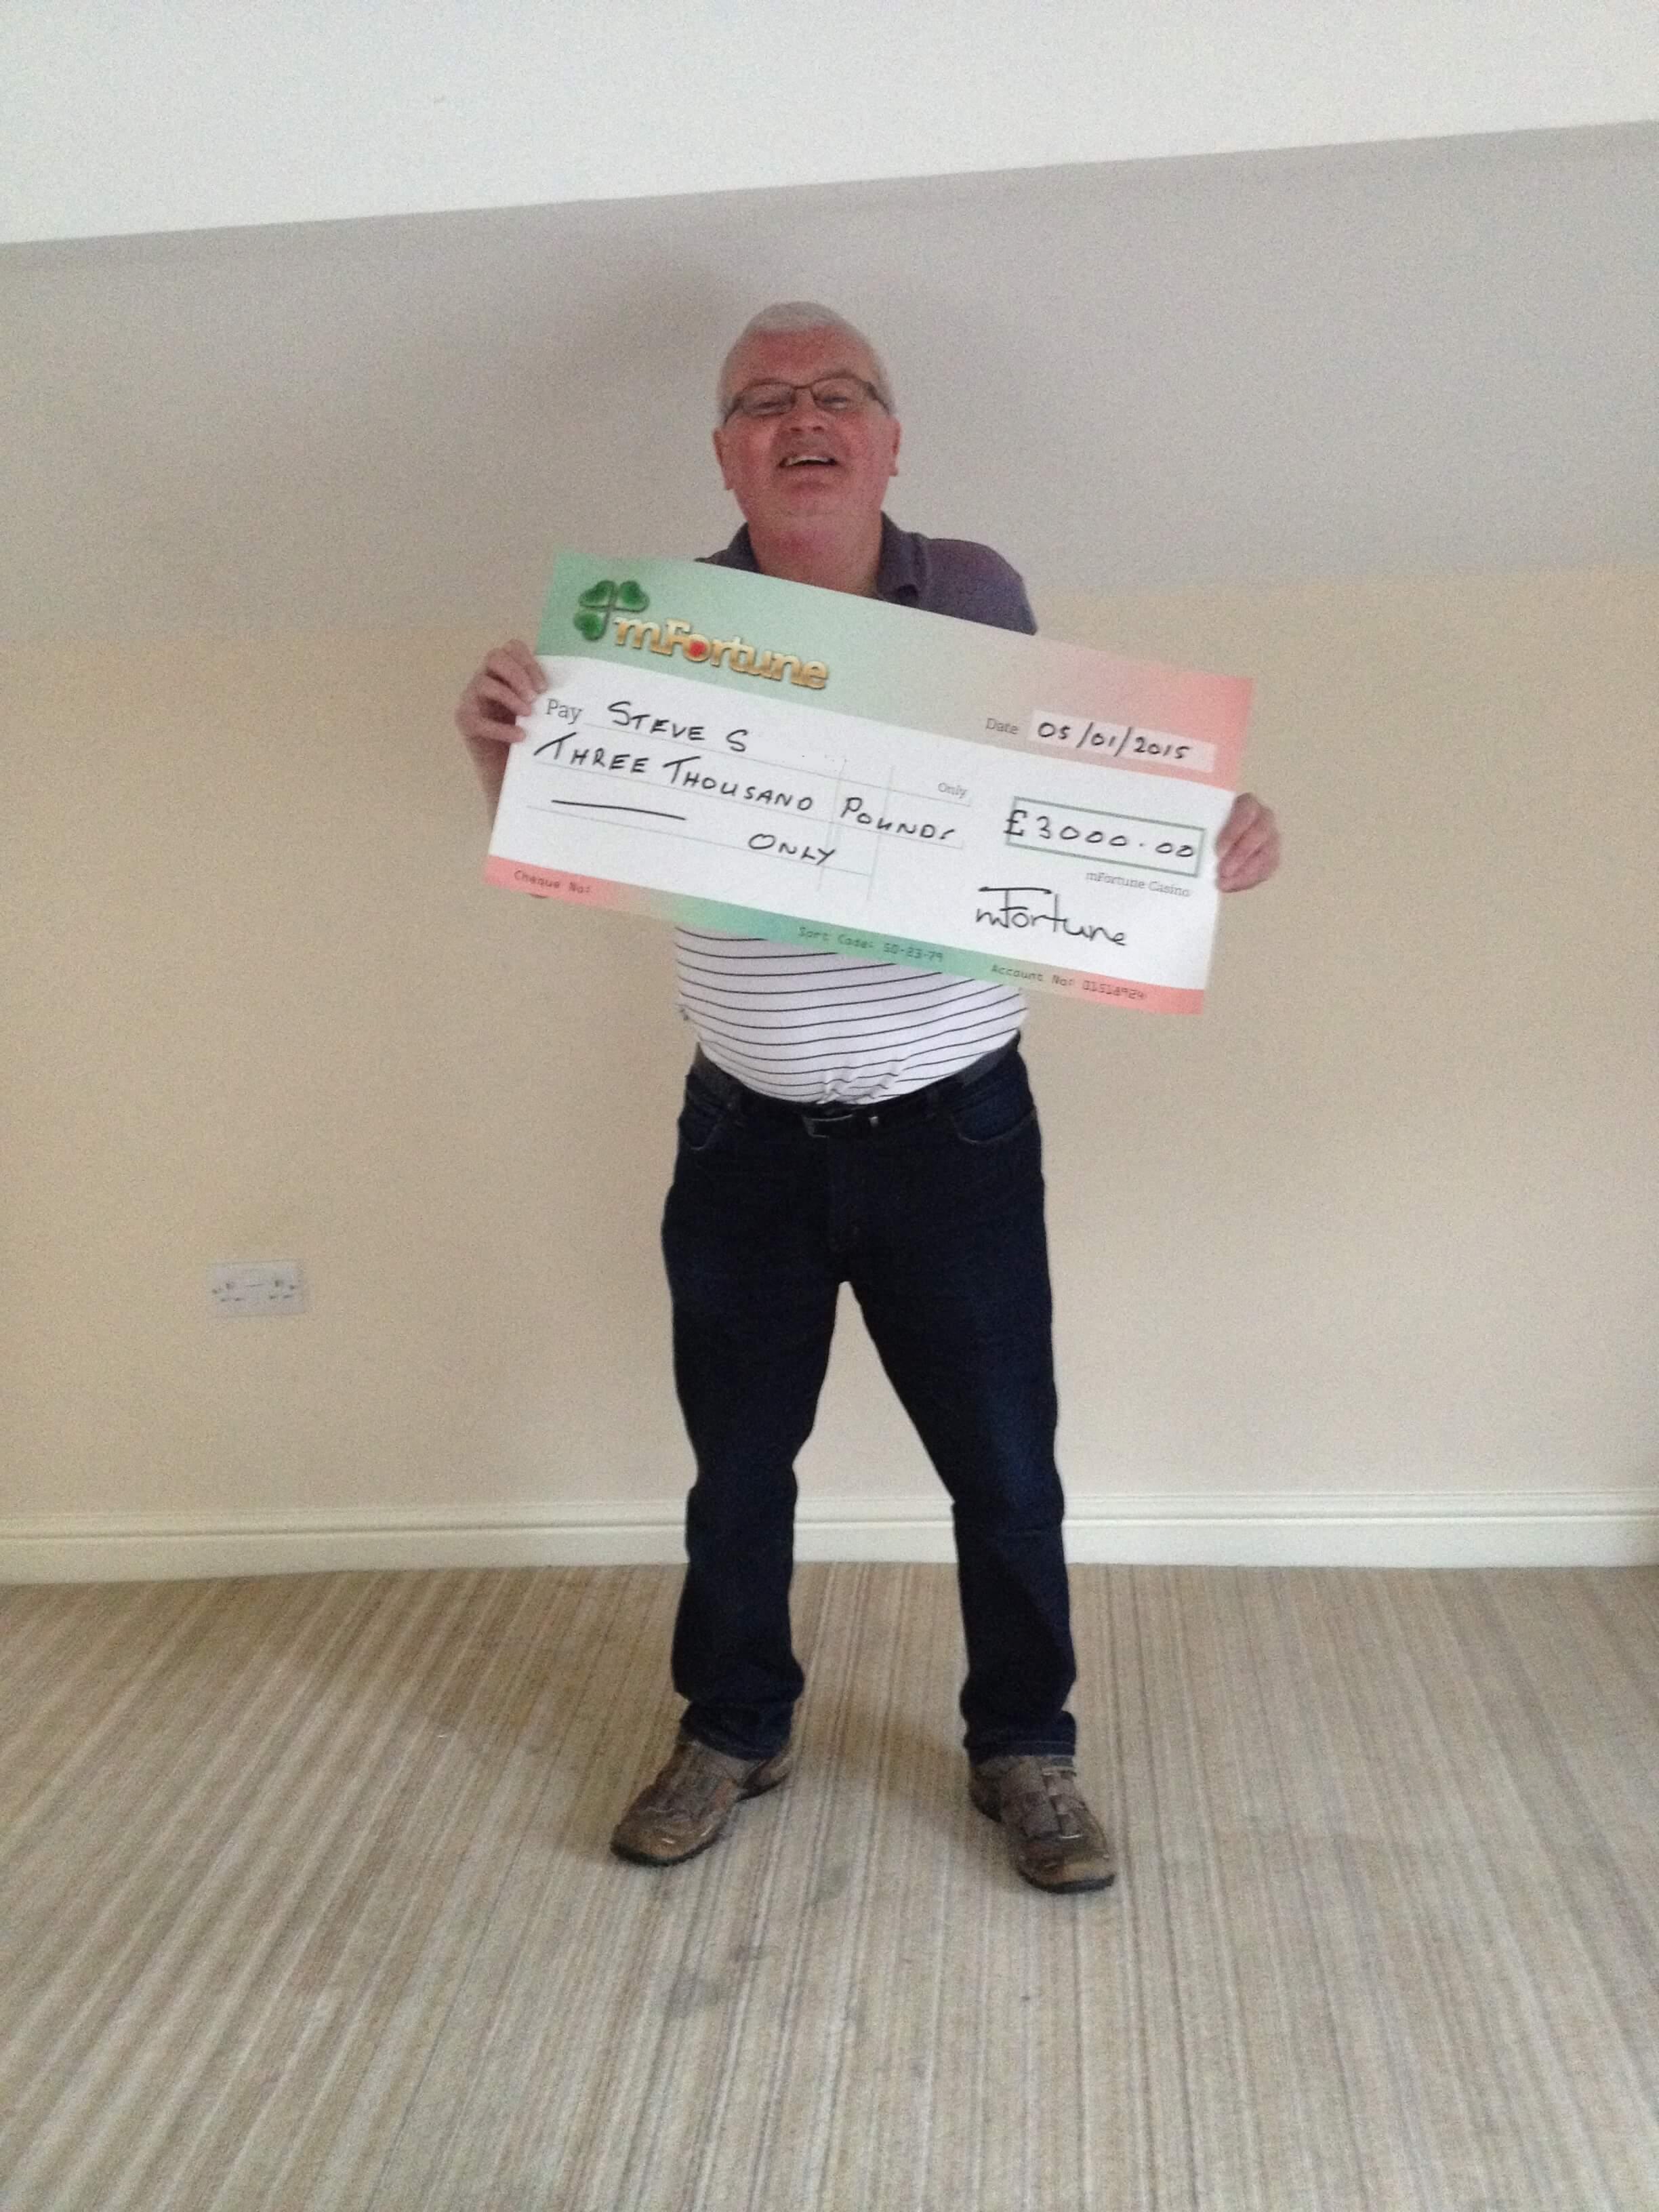 Steve S won £ 3,000